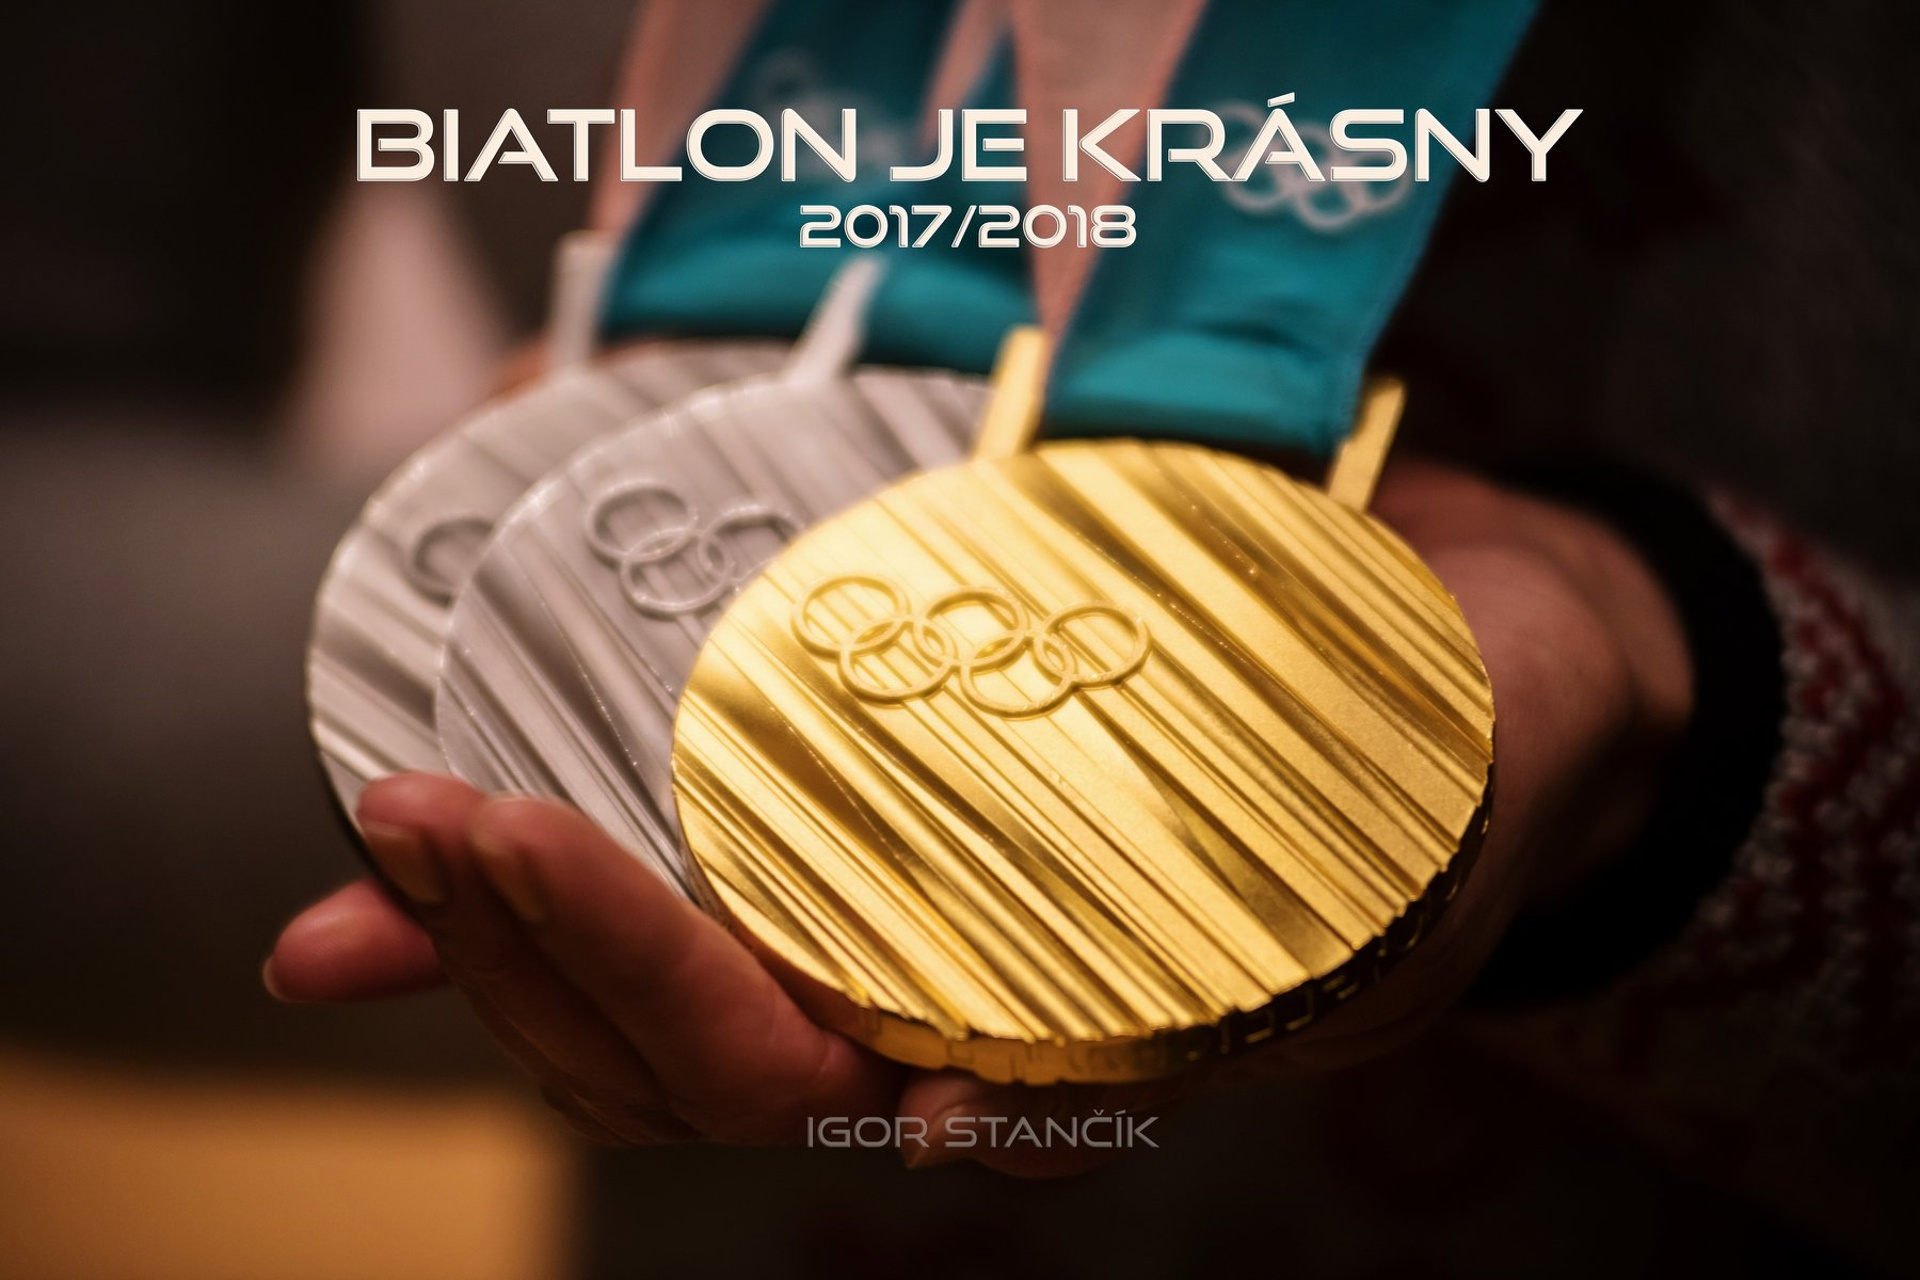 Titulní strana knihy Biatlon je krásny s fotografiemi Igora Stančíka